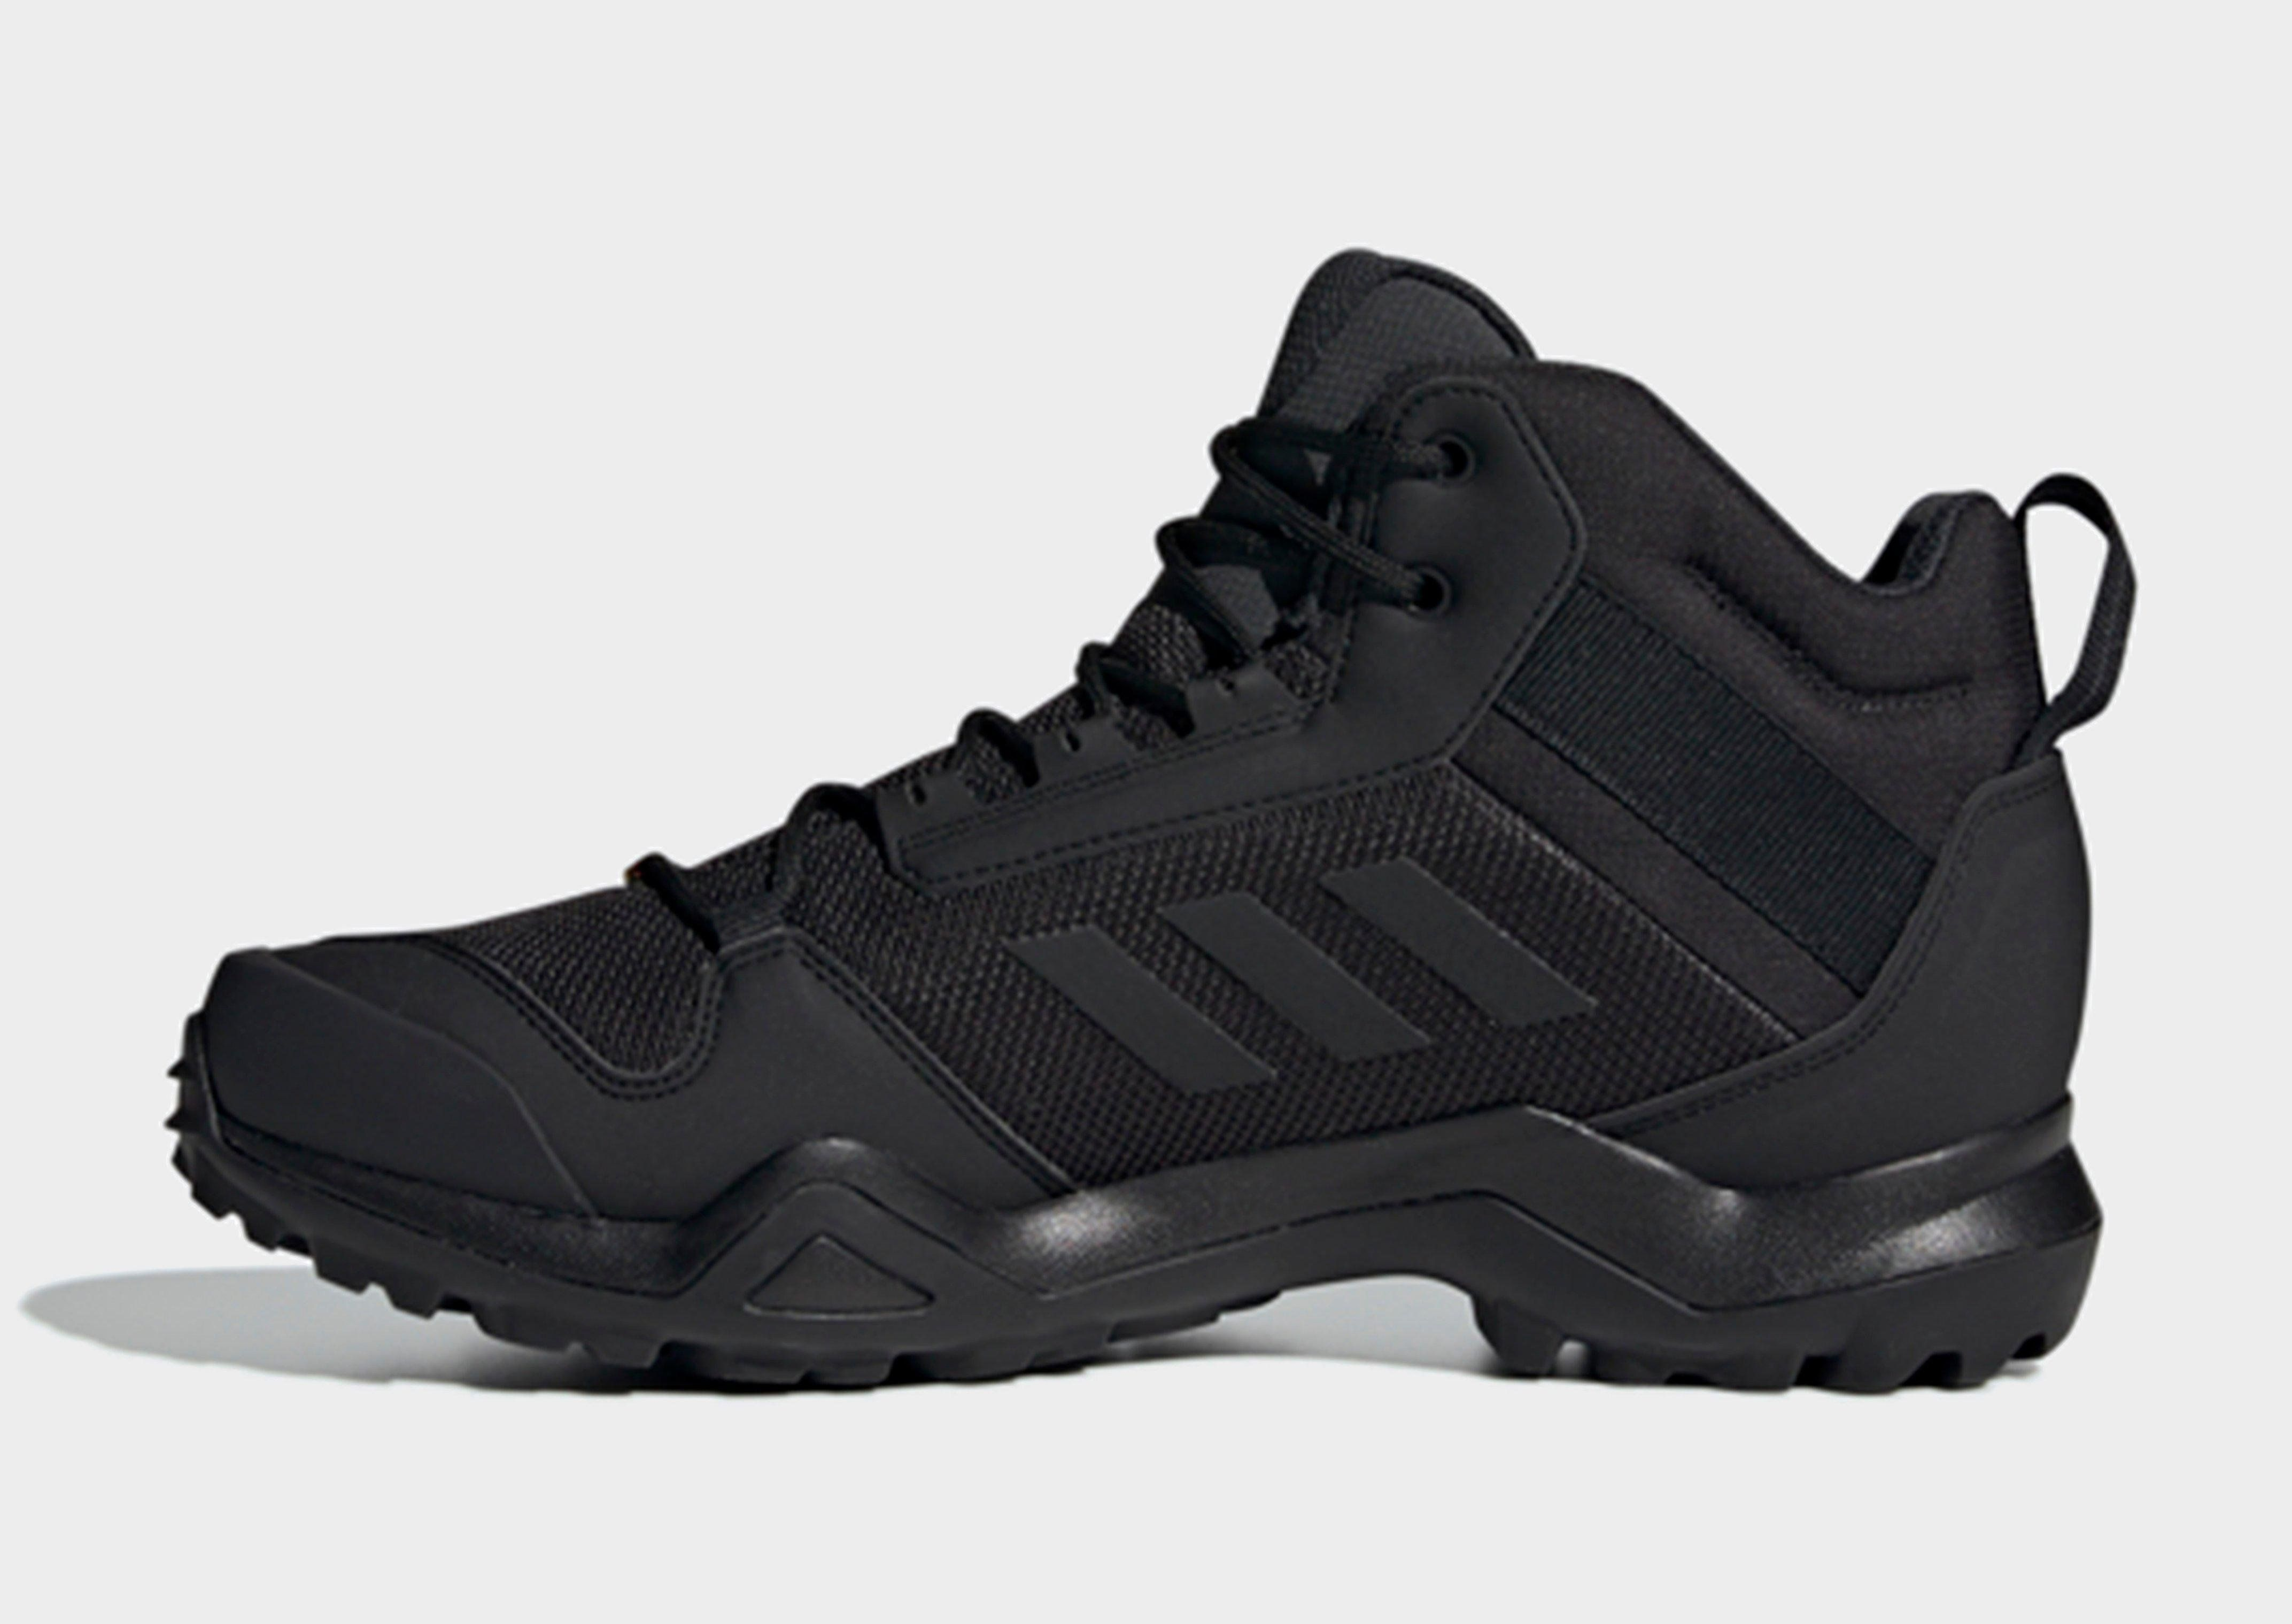 adidas terrex schoenen